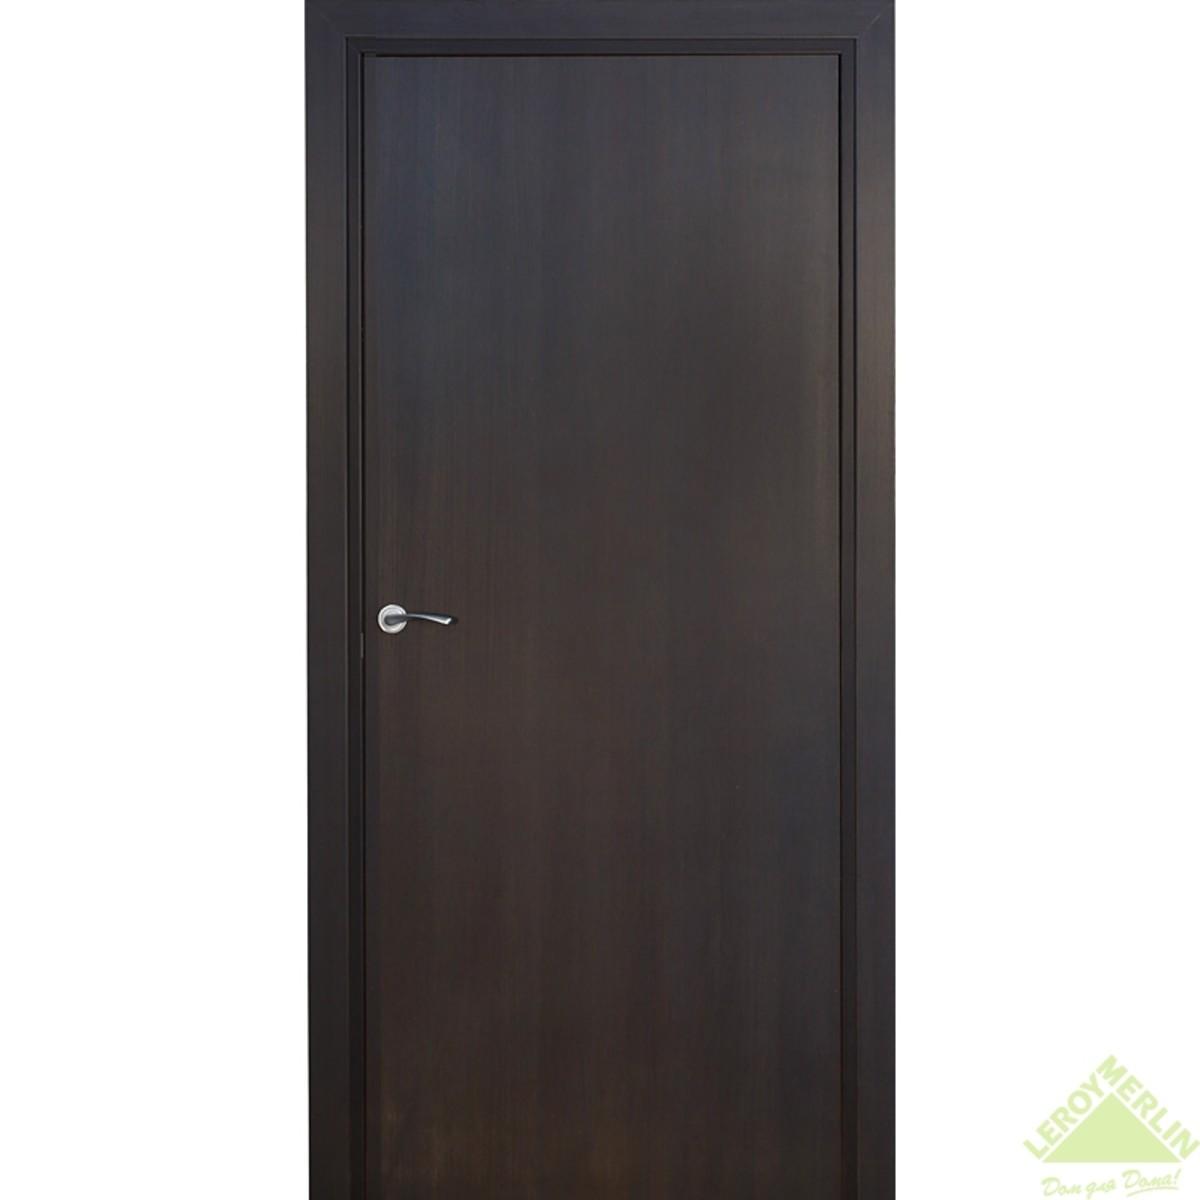 Дверь Межкомнатная Глухая Фортунато Модерн 80x200 Ламинация Цвет Венге